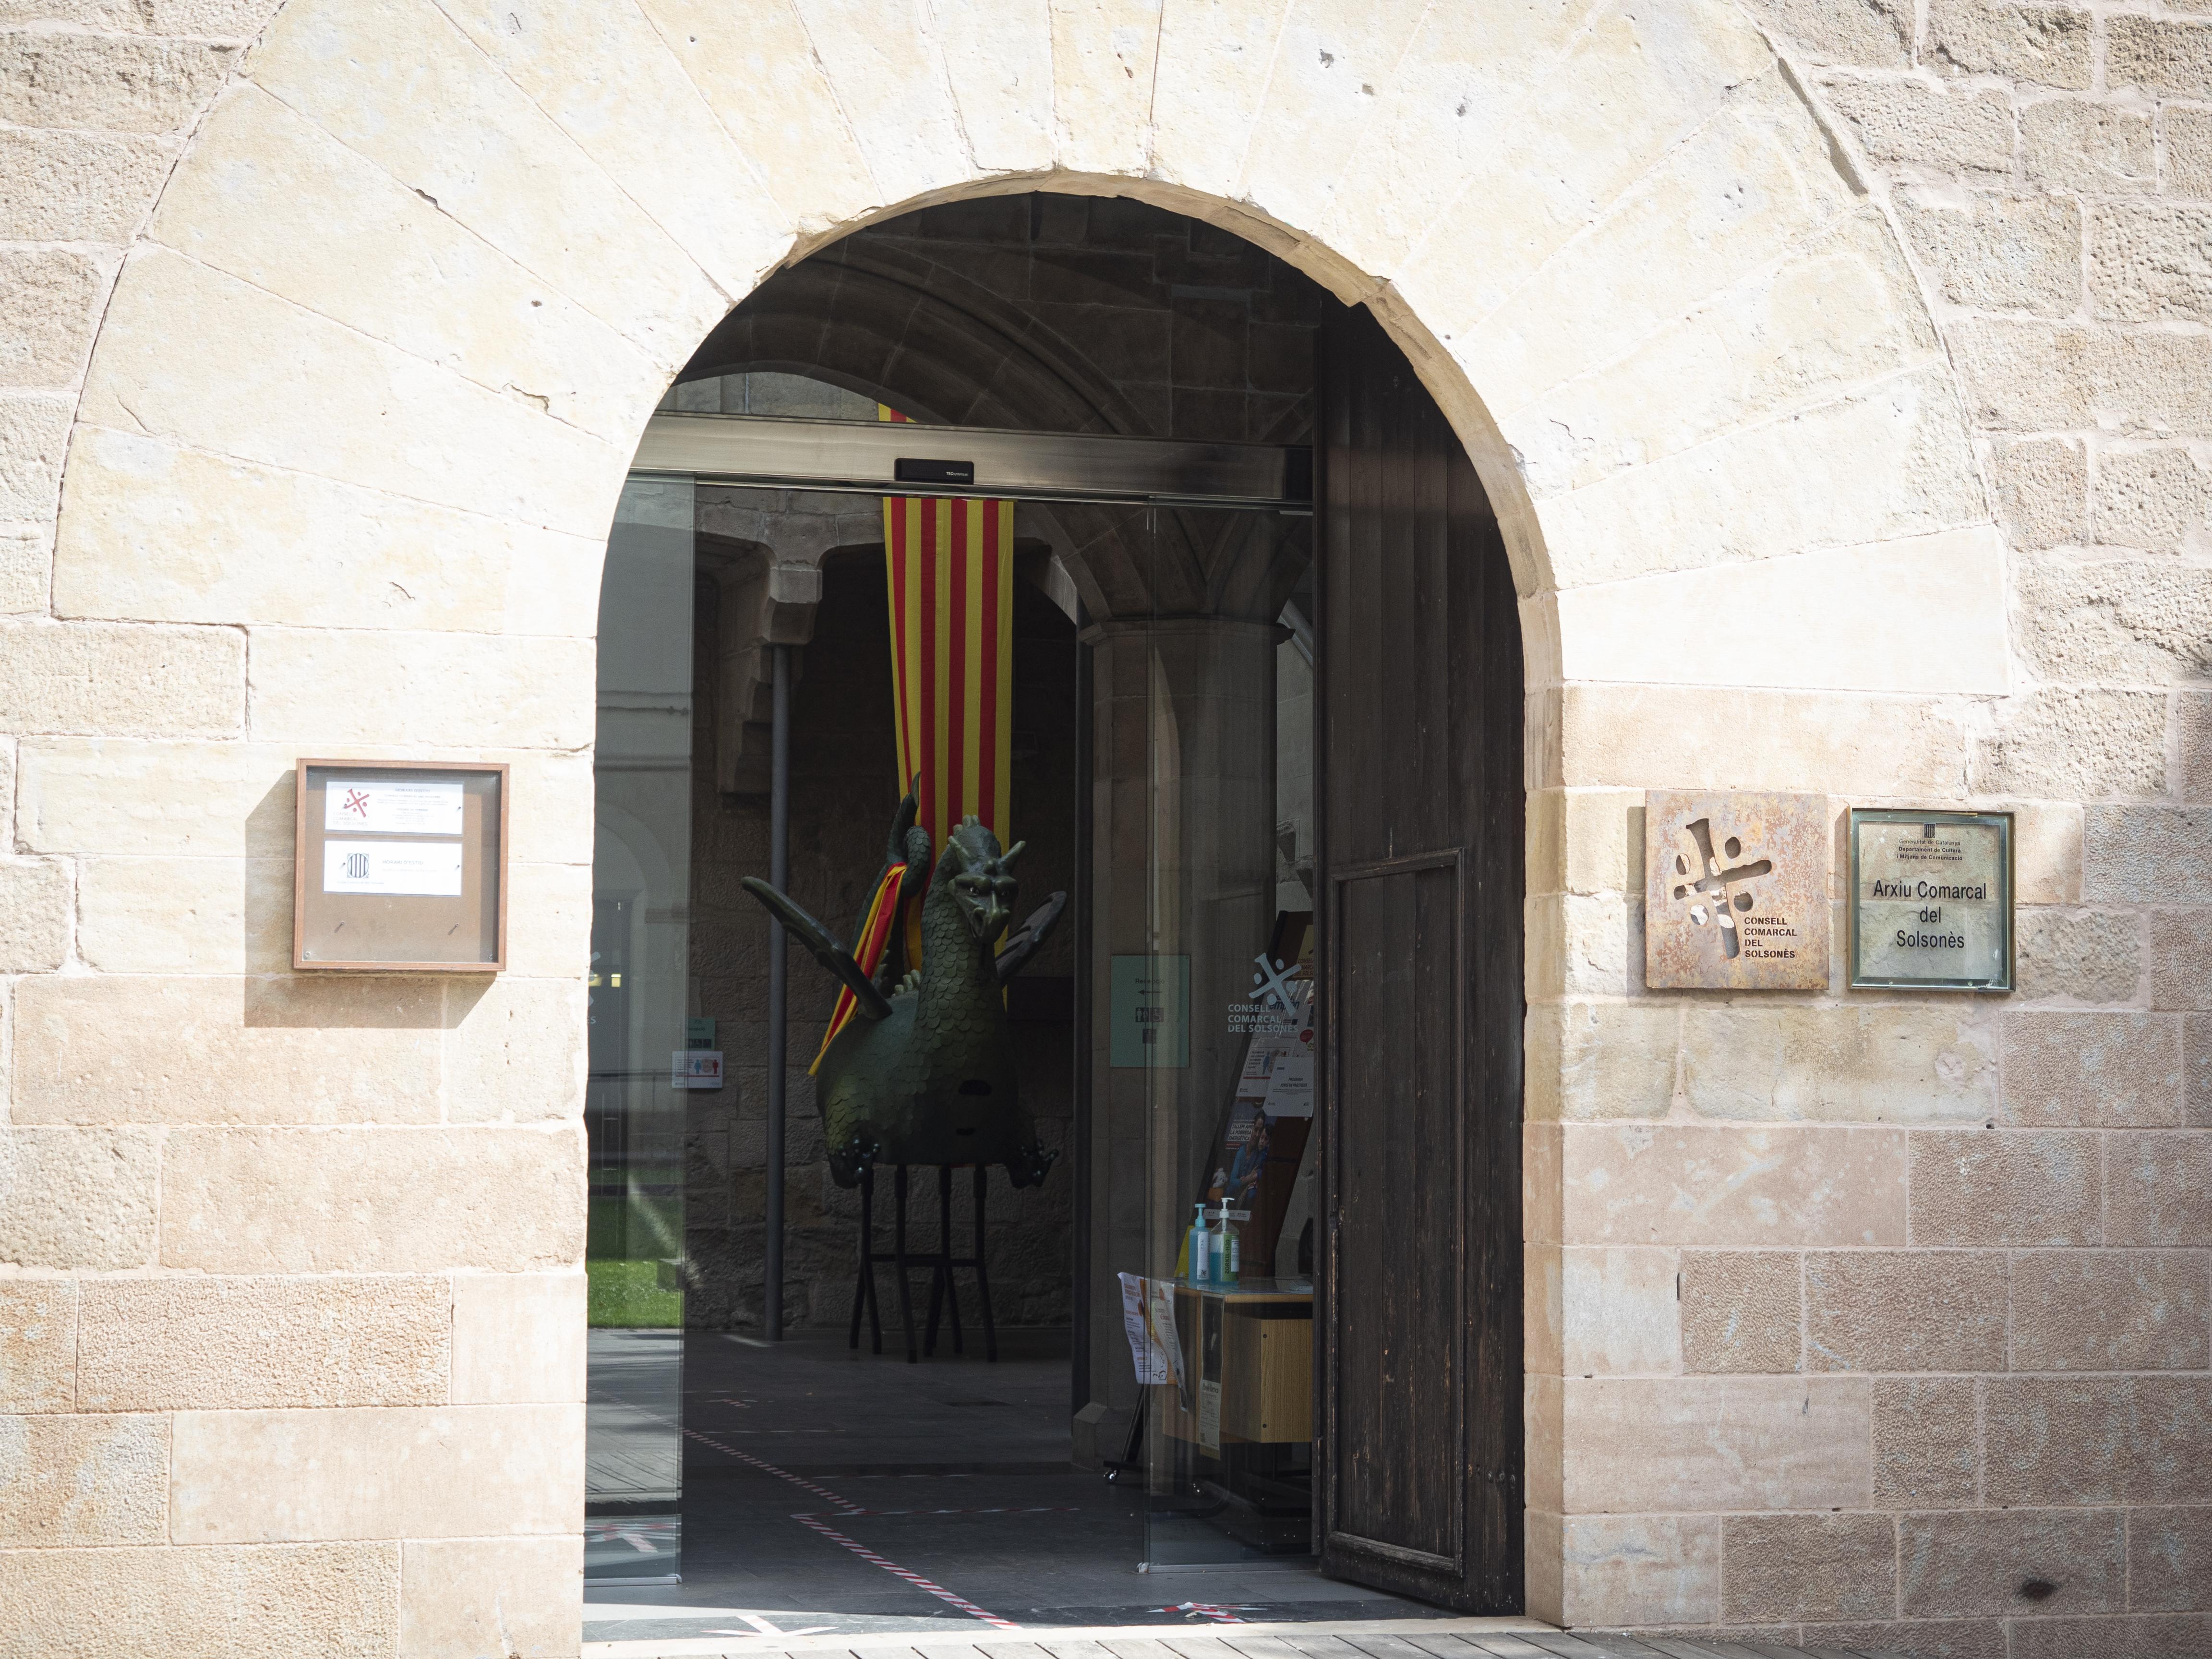 El Palau Llobera acull el Consell Comarcal del Solsonès i també l'Arxiu Comarcal. FOTO: Anna E. Puig